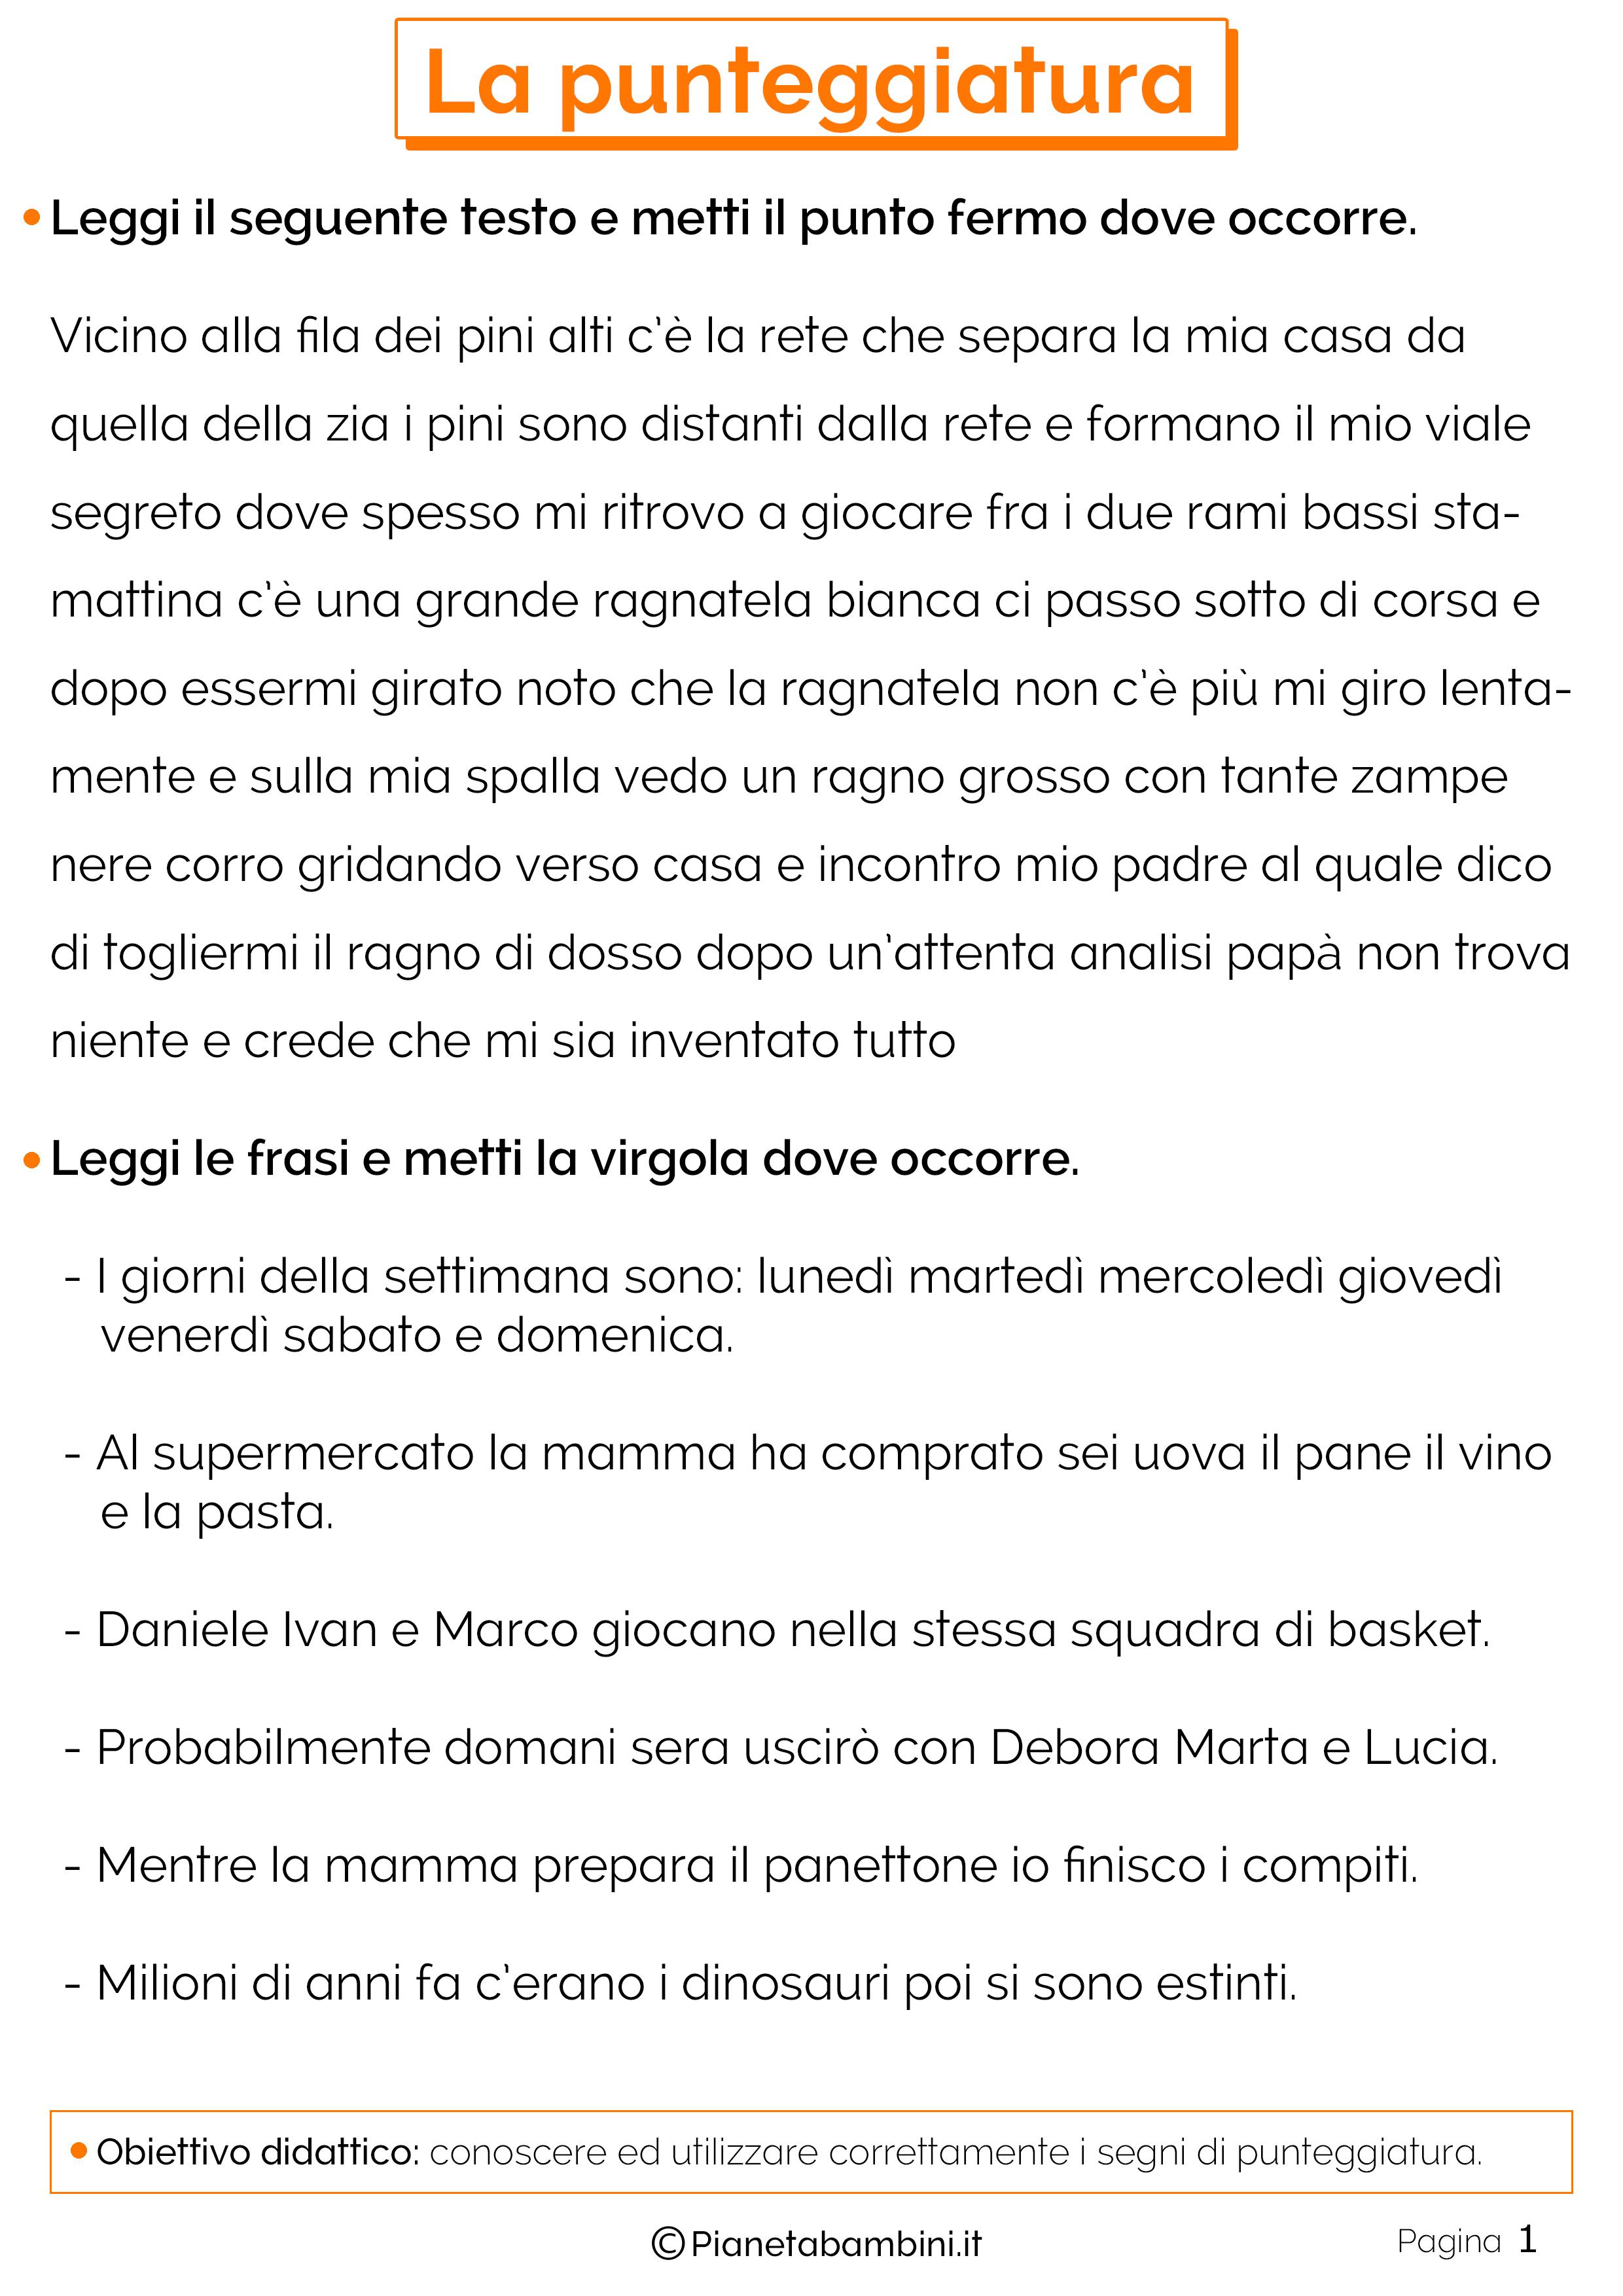 Prontuario di punteggiatura pdf